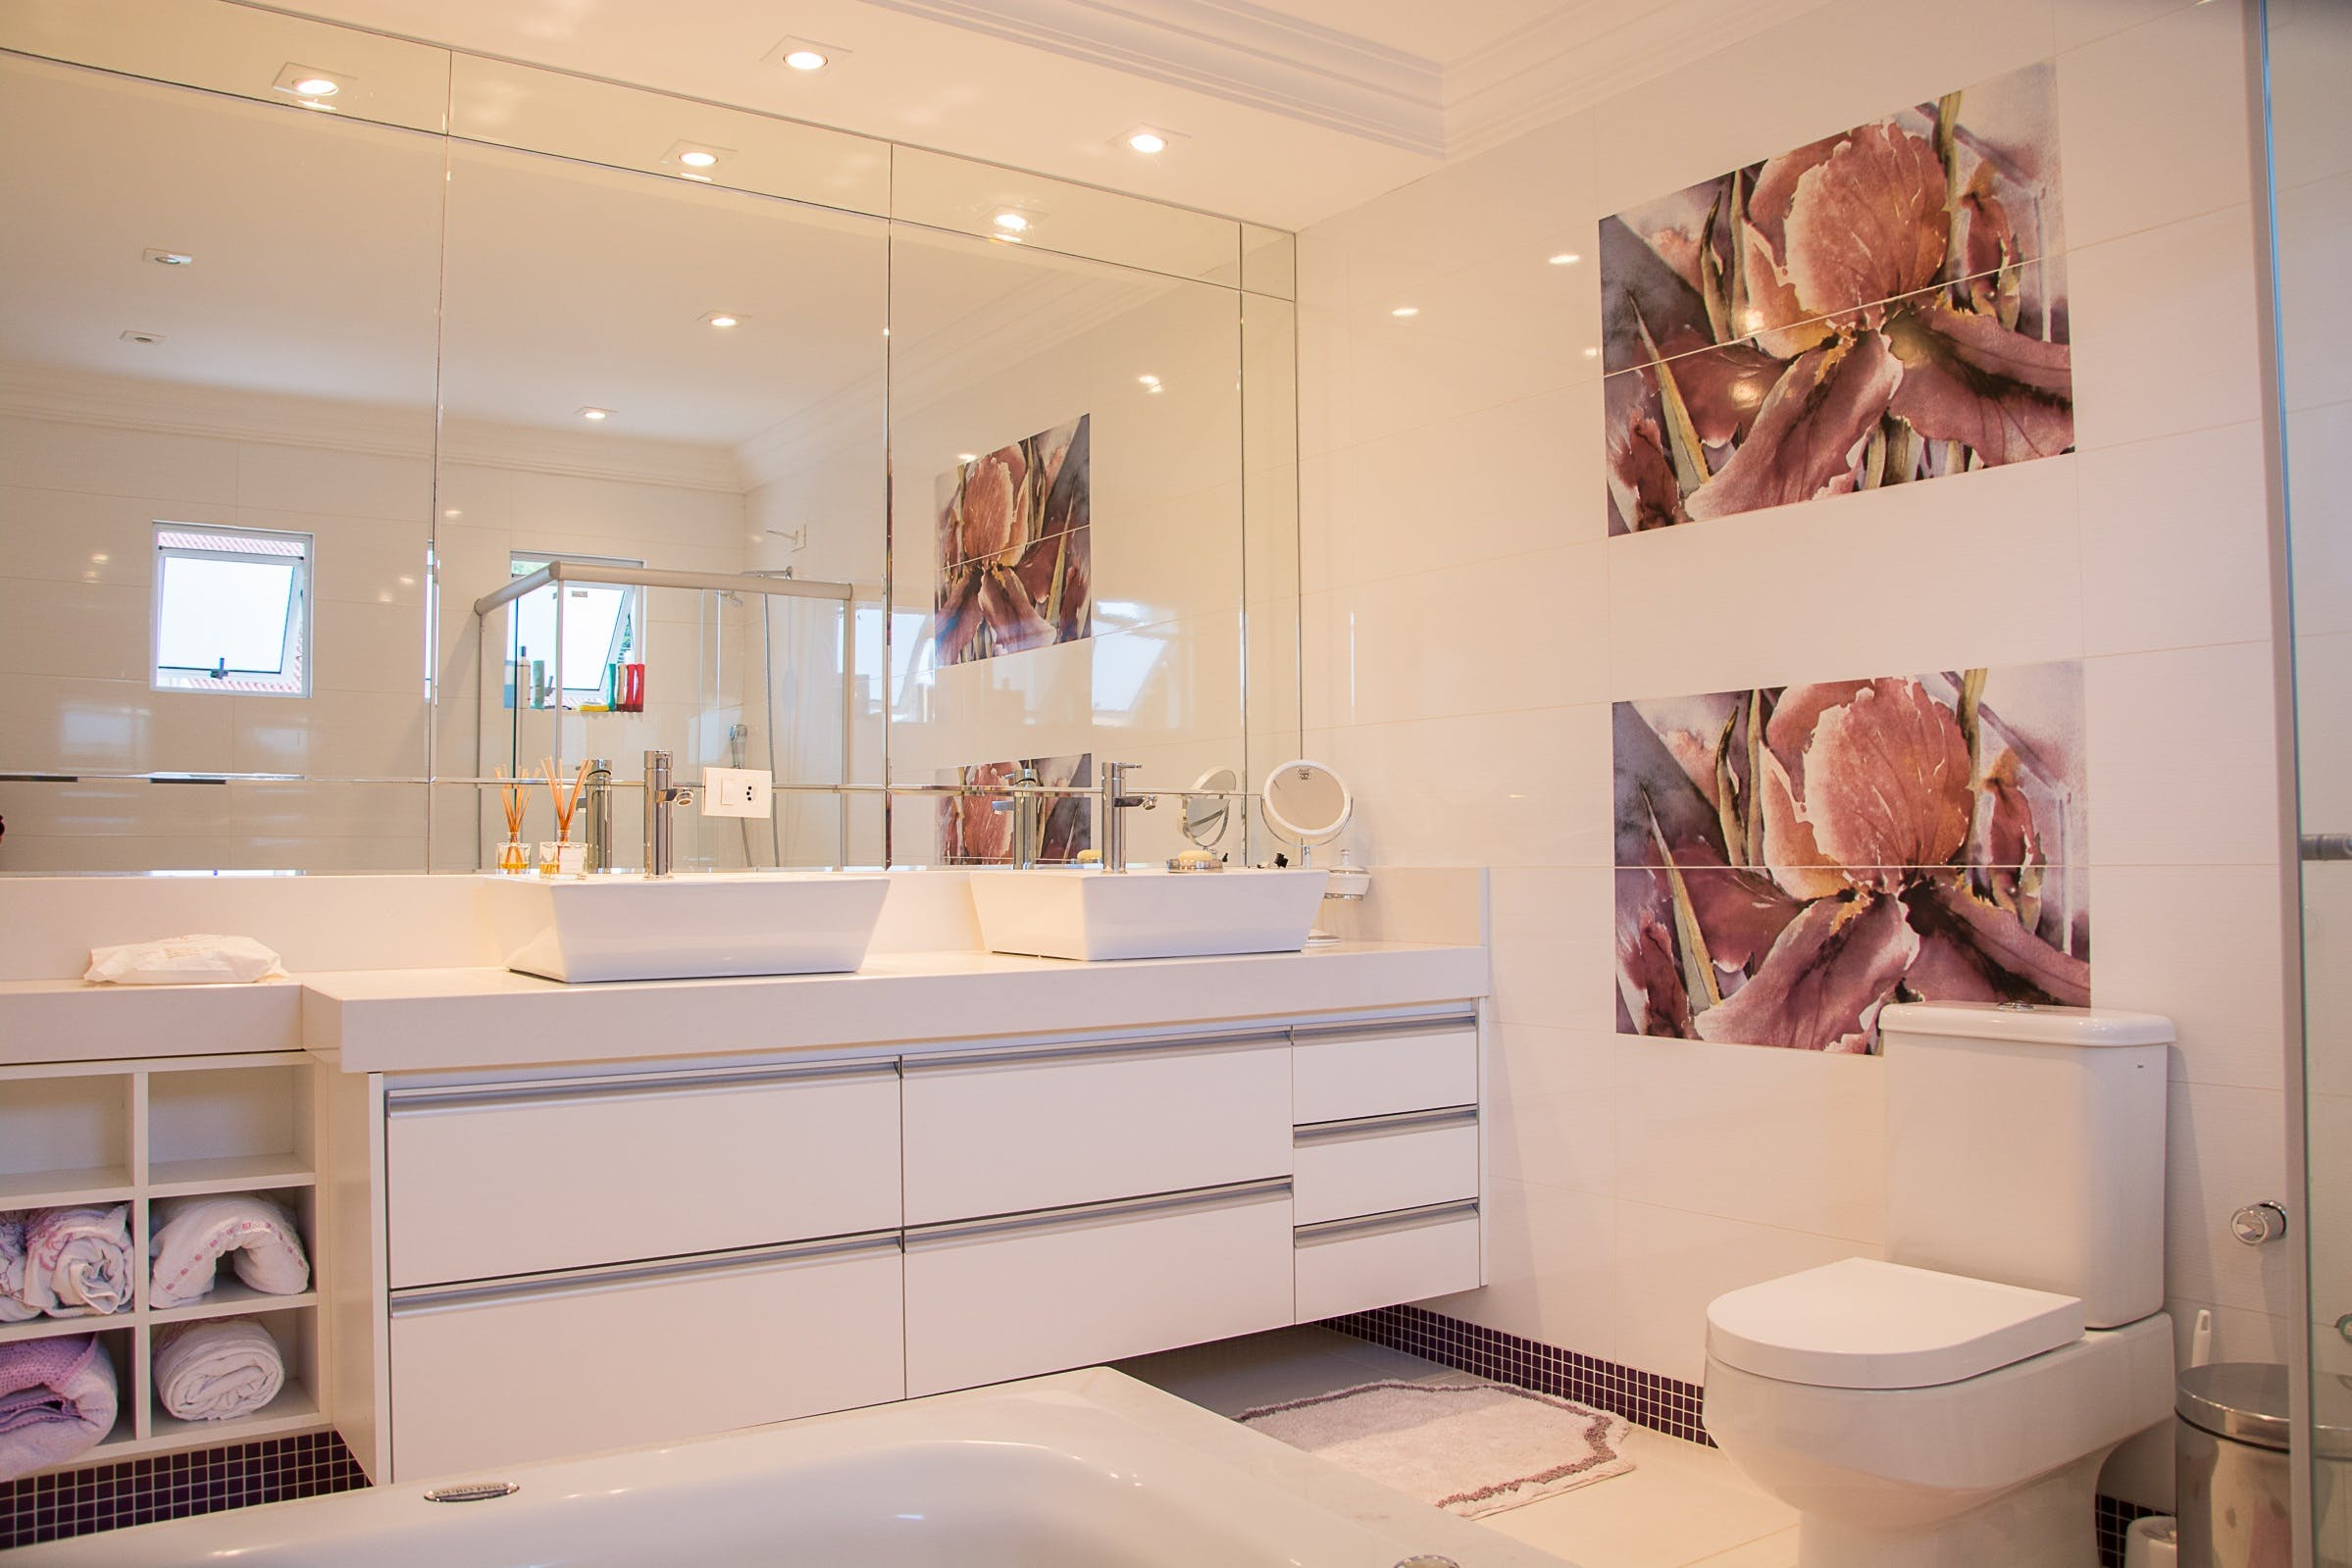 architektur, badezimmer, drinnen